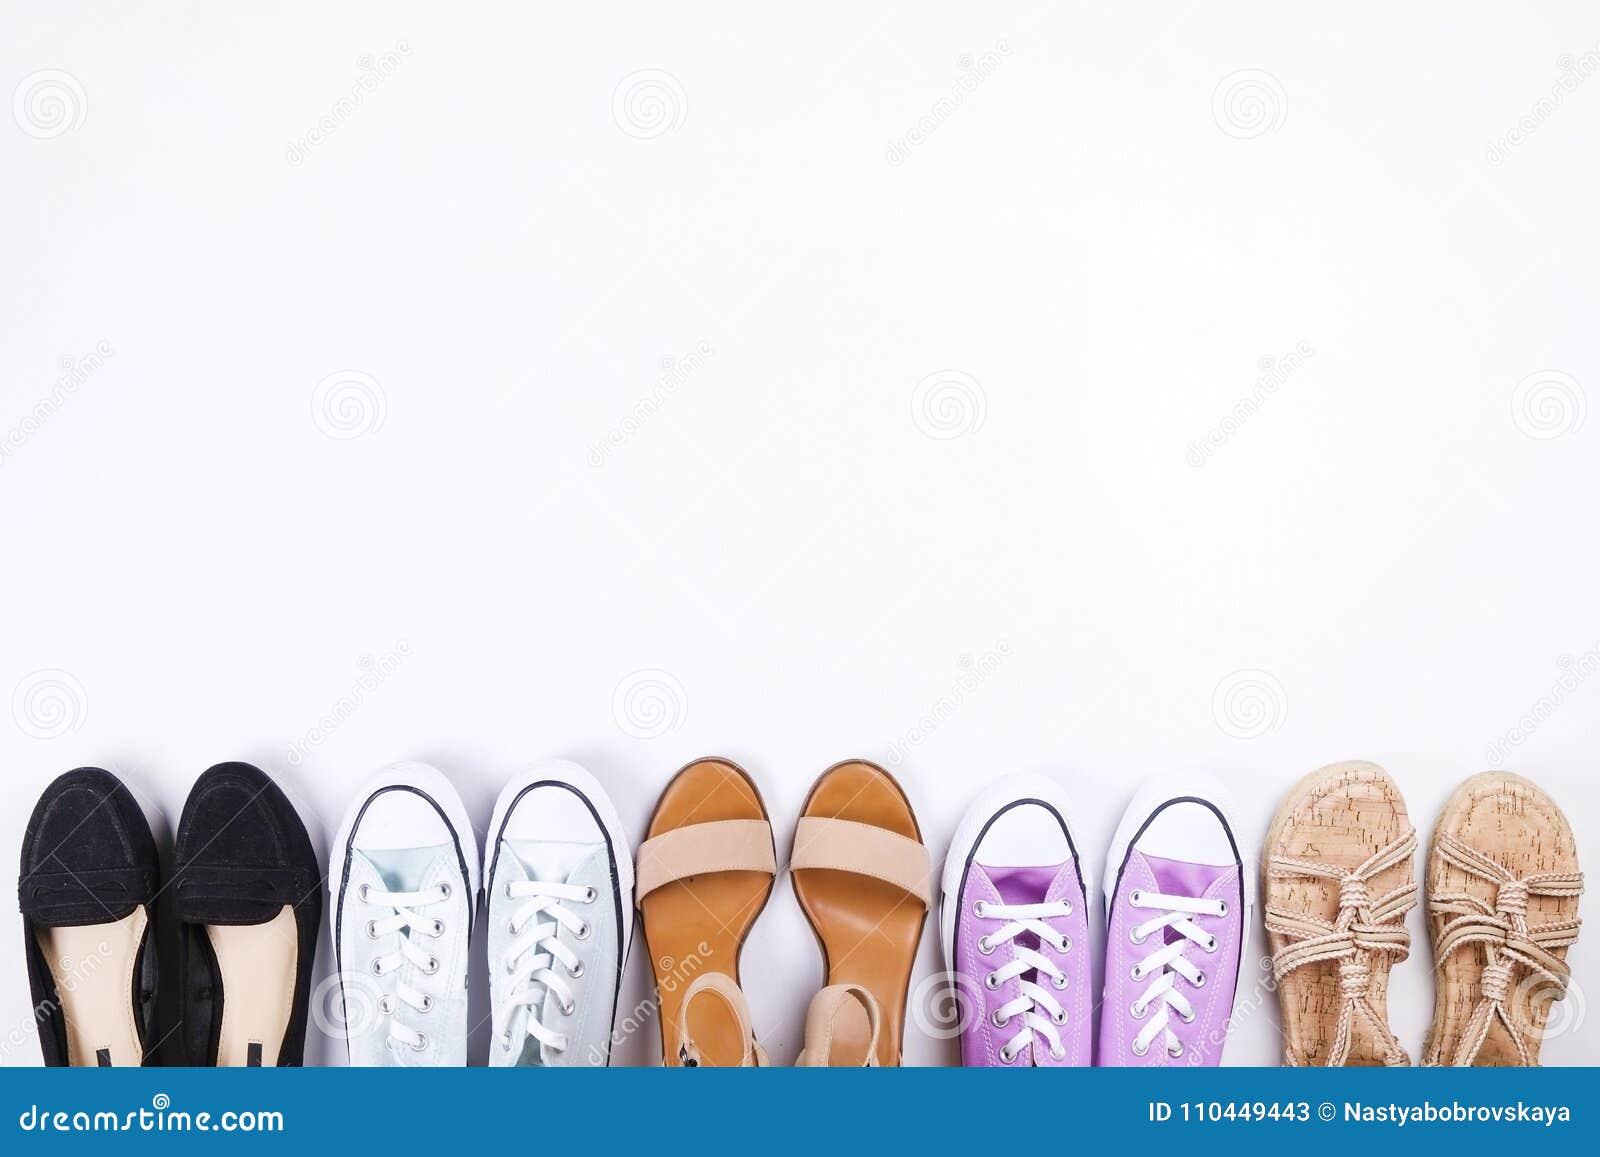 Σύγχρονος μοντέρνος ψάχνει τη μοντέρνη μόδα blog lookbook Επίπεδος βάλτε του μοντέρνου ιματισμού για το περιοδικό γυναικών Εποχια